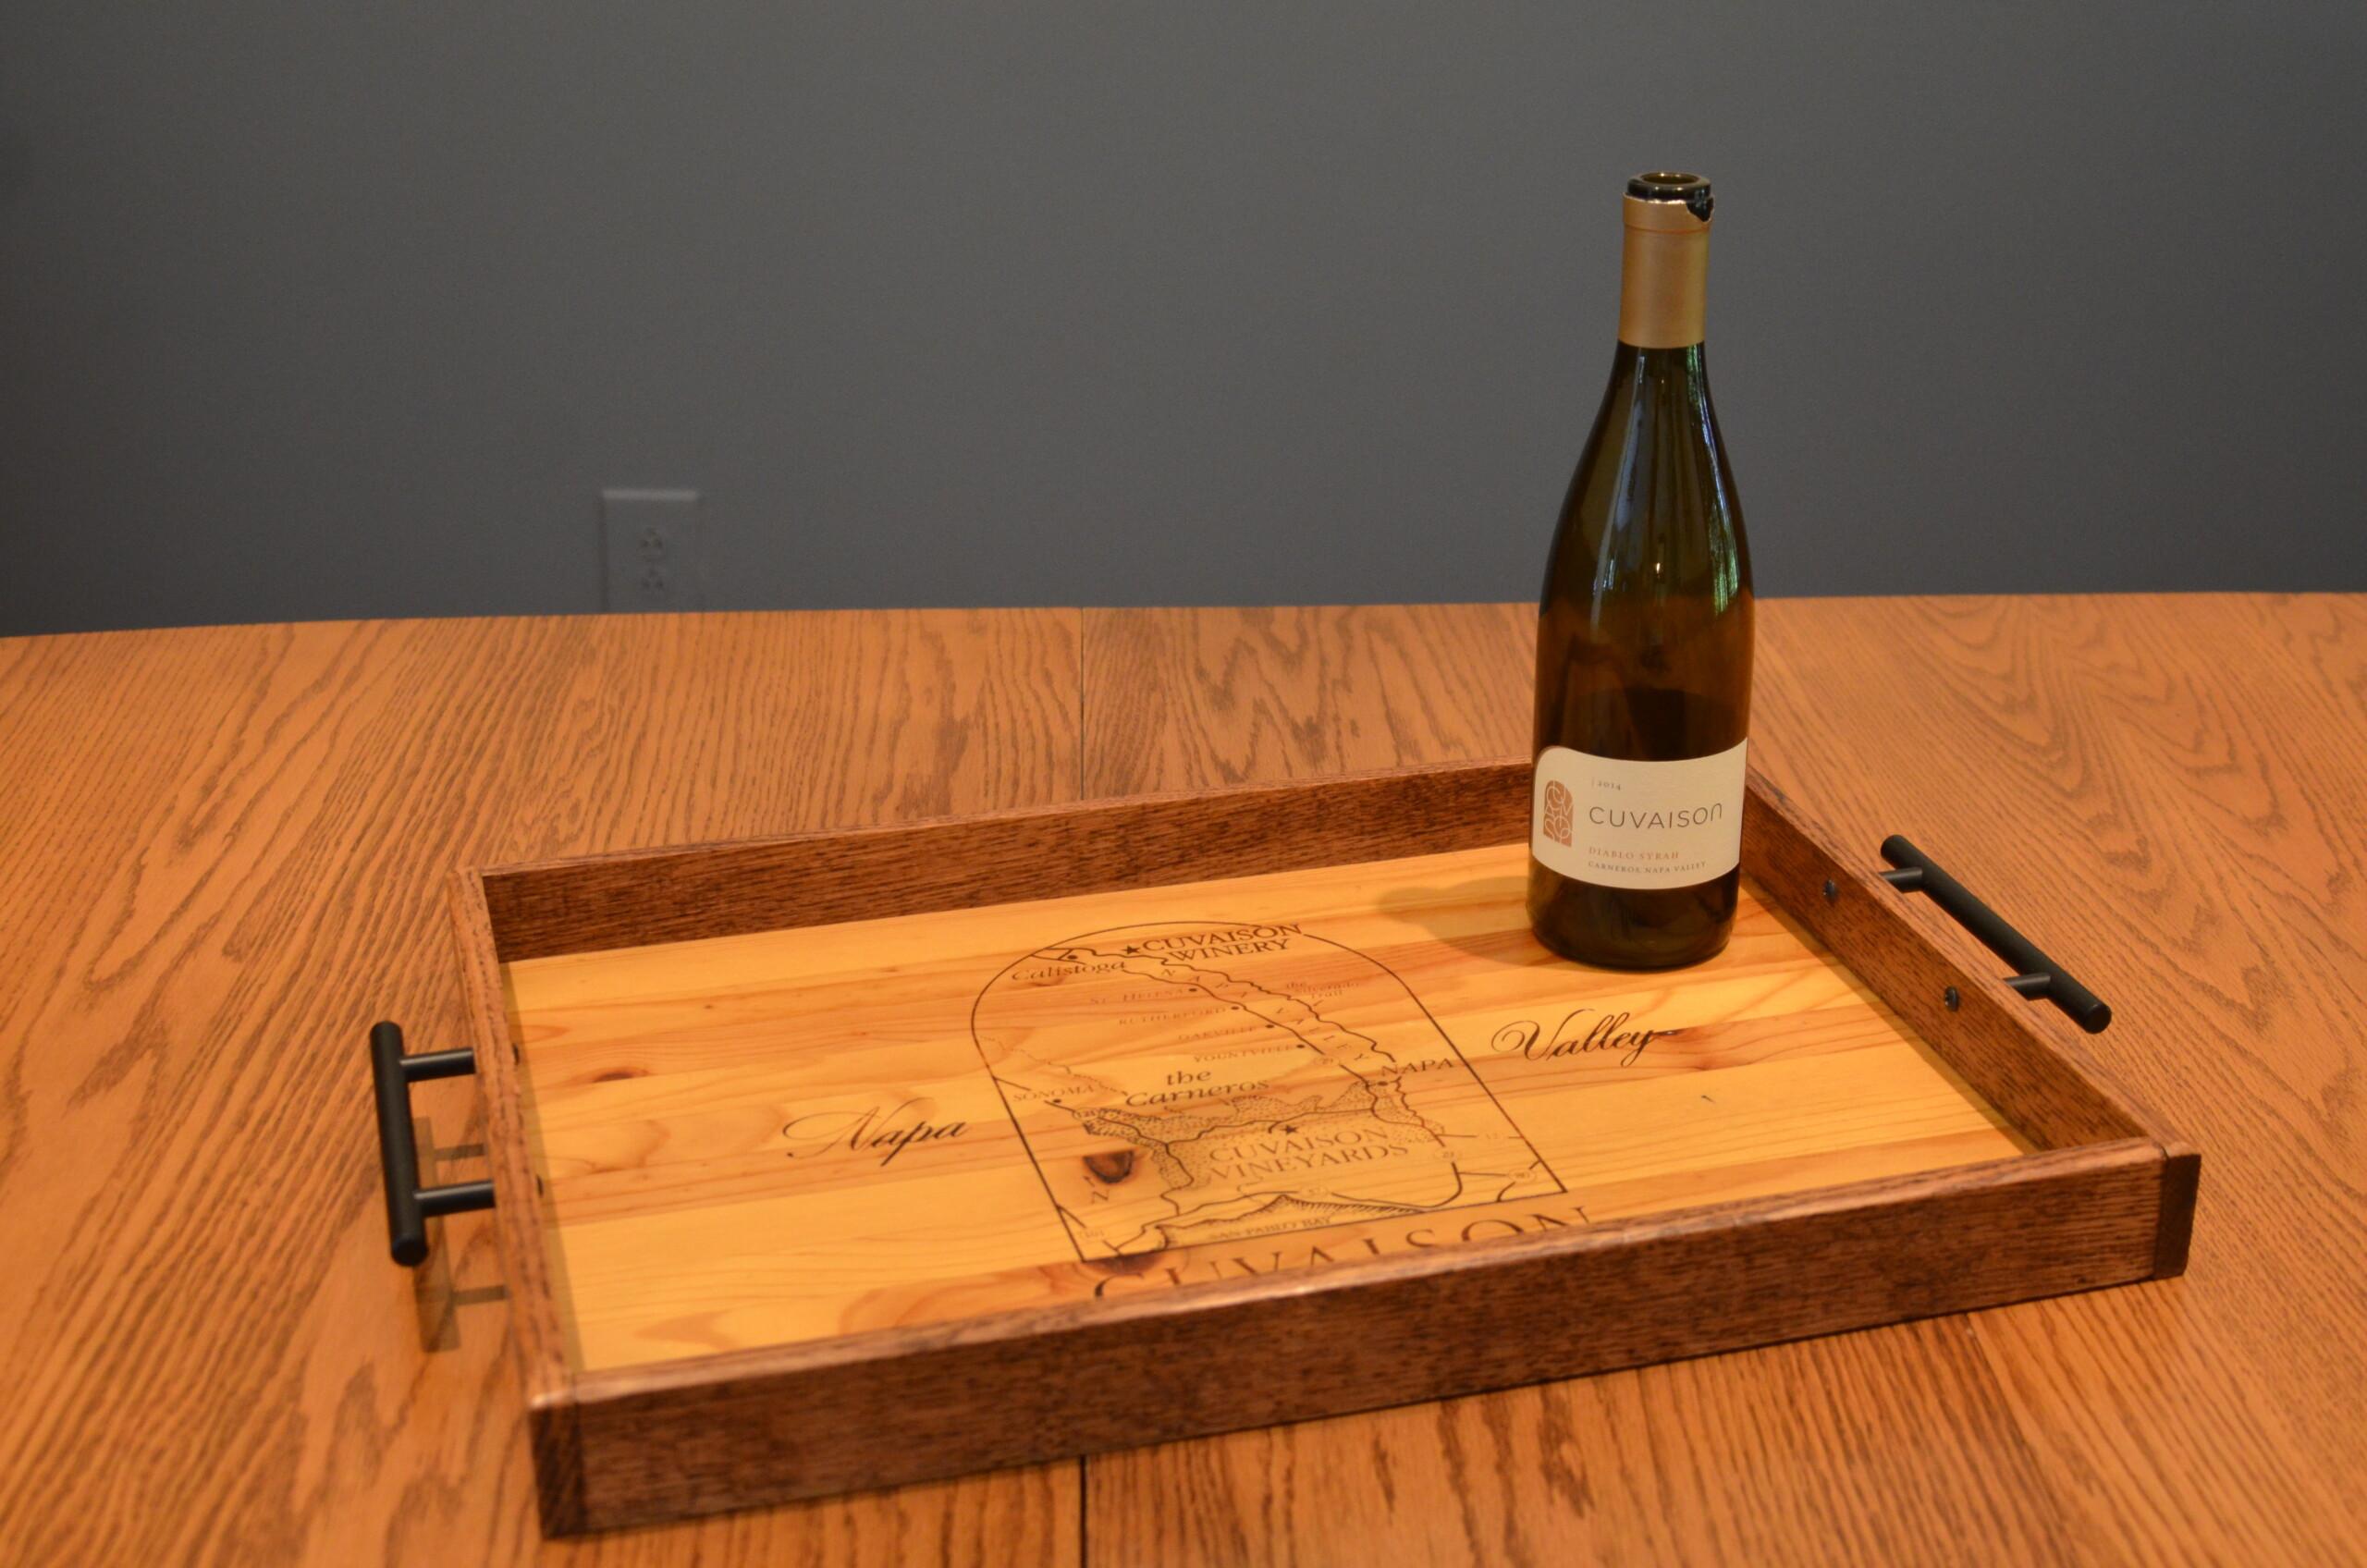 Cuvaison Winery Tray 1